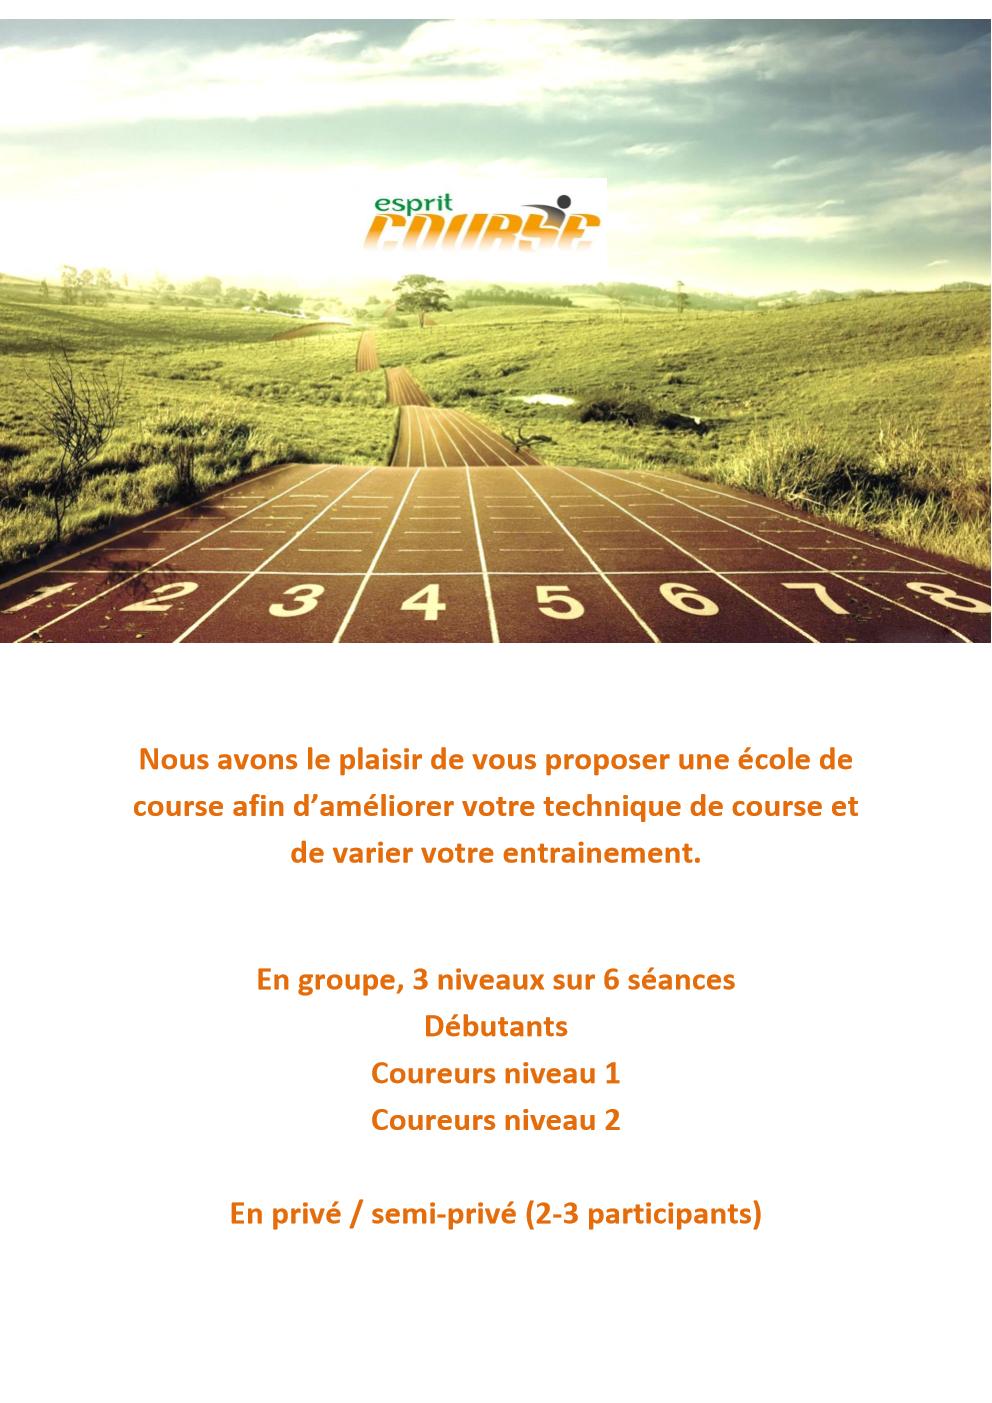 flyer esprit course